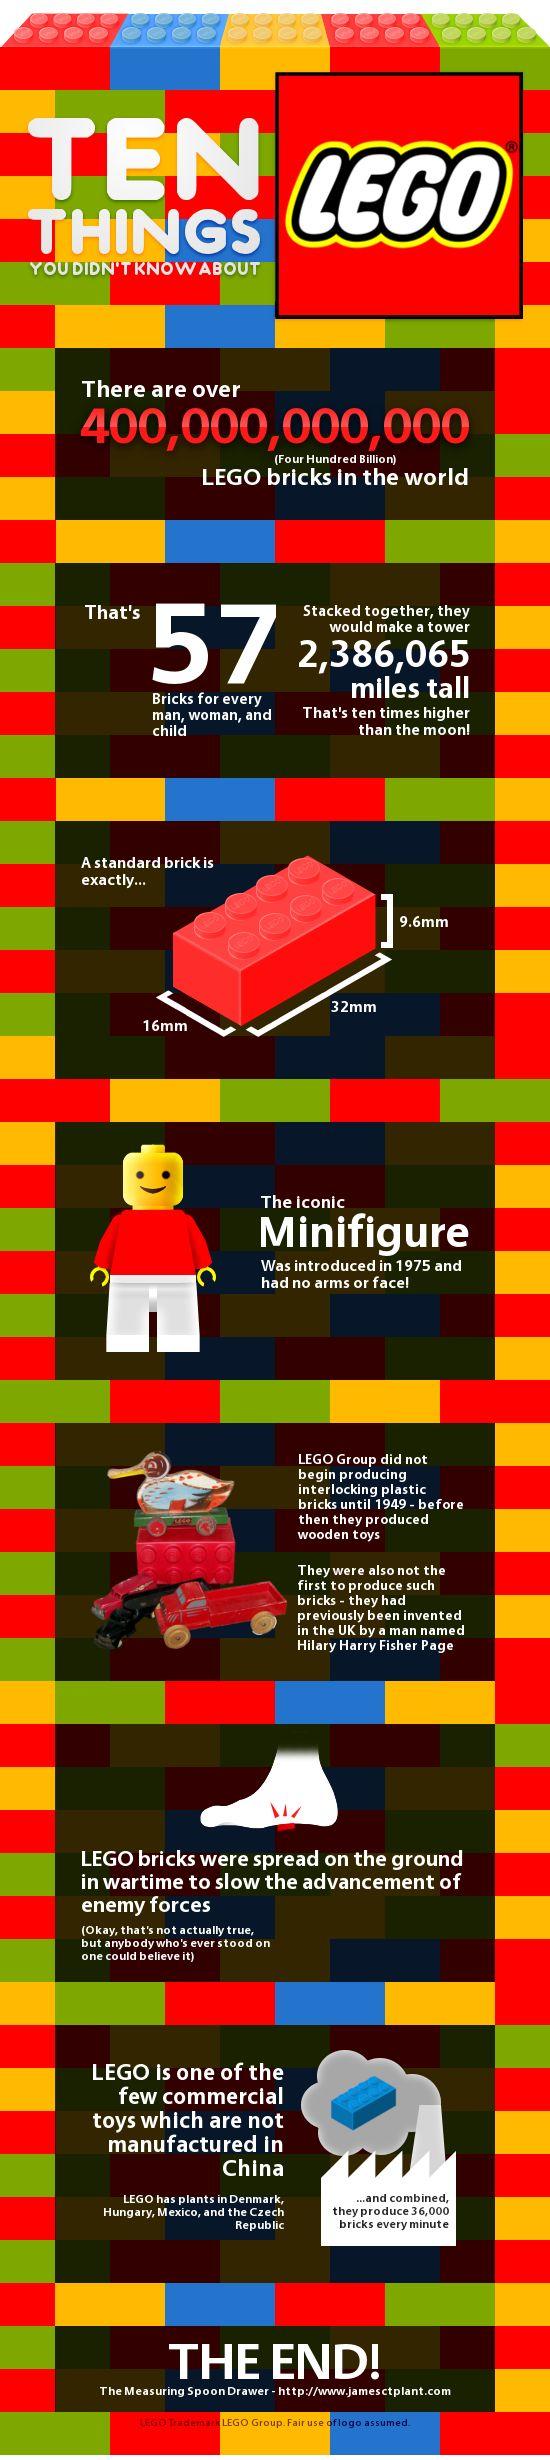 10 cose che non sai sui#LEGO